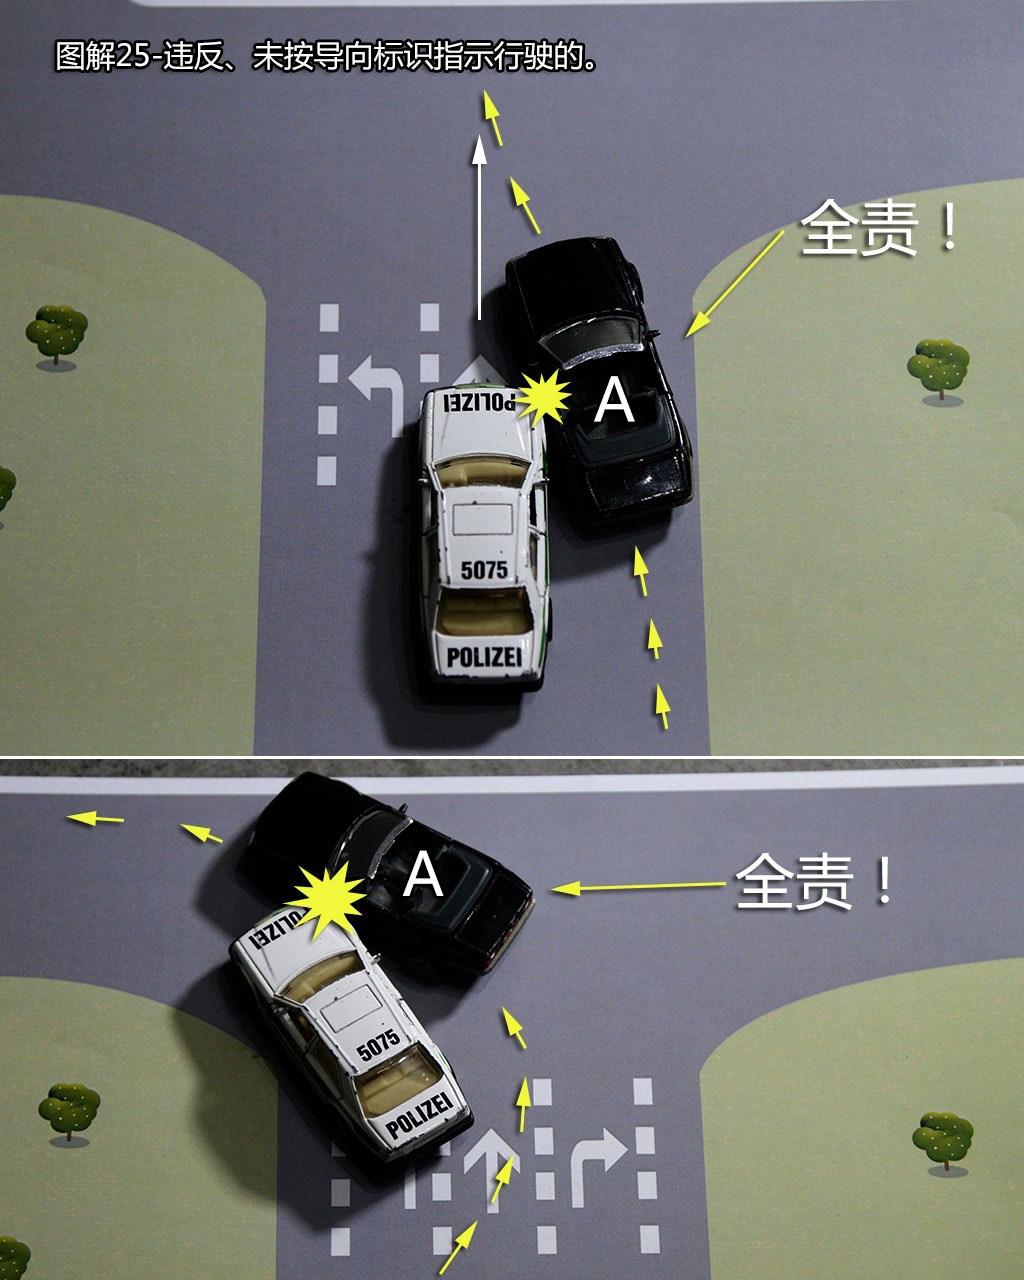 未按导向车道指示方向行驶